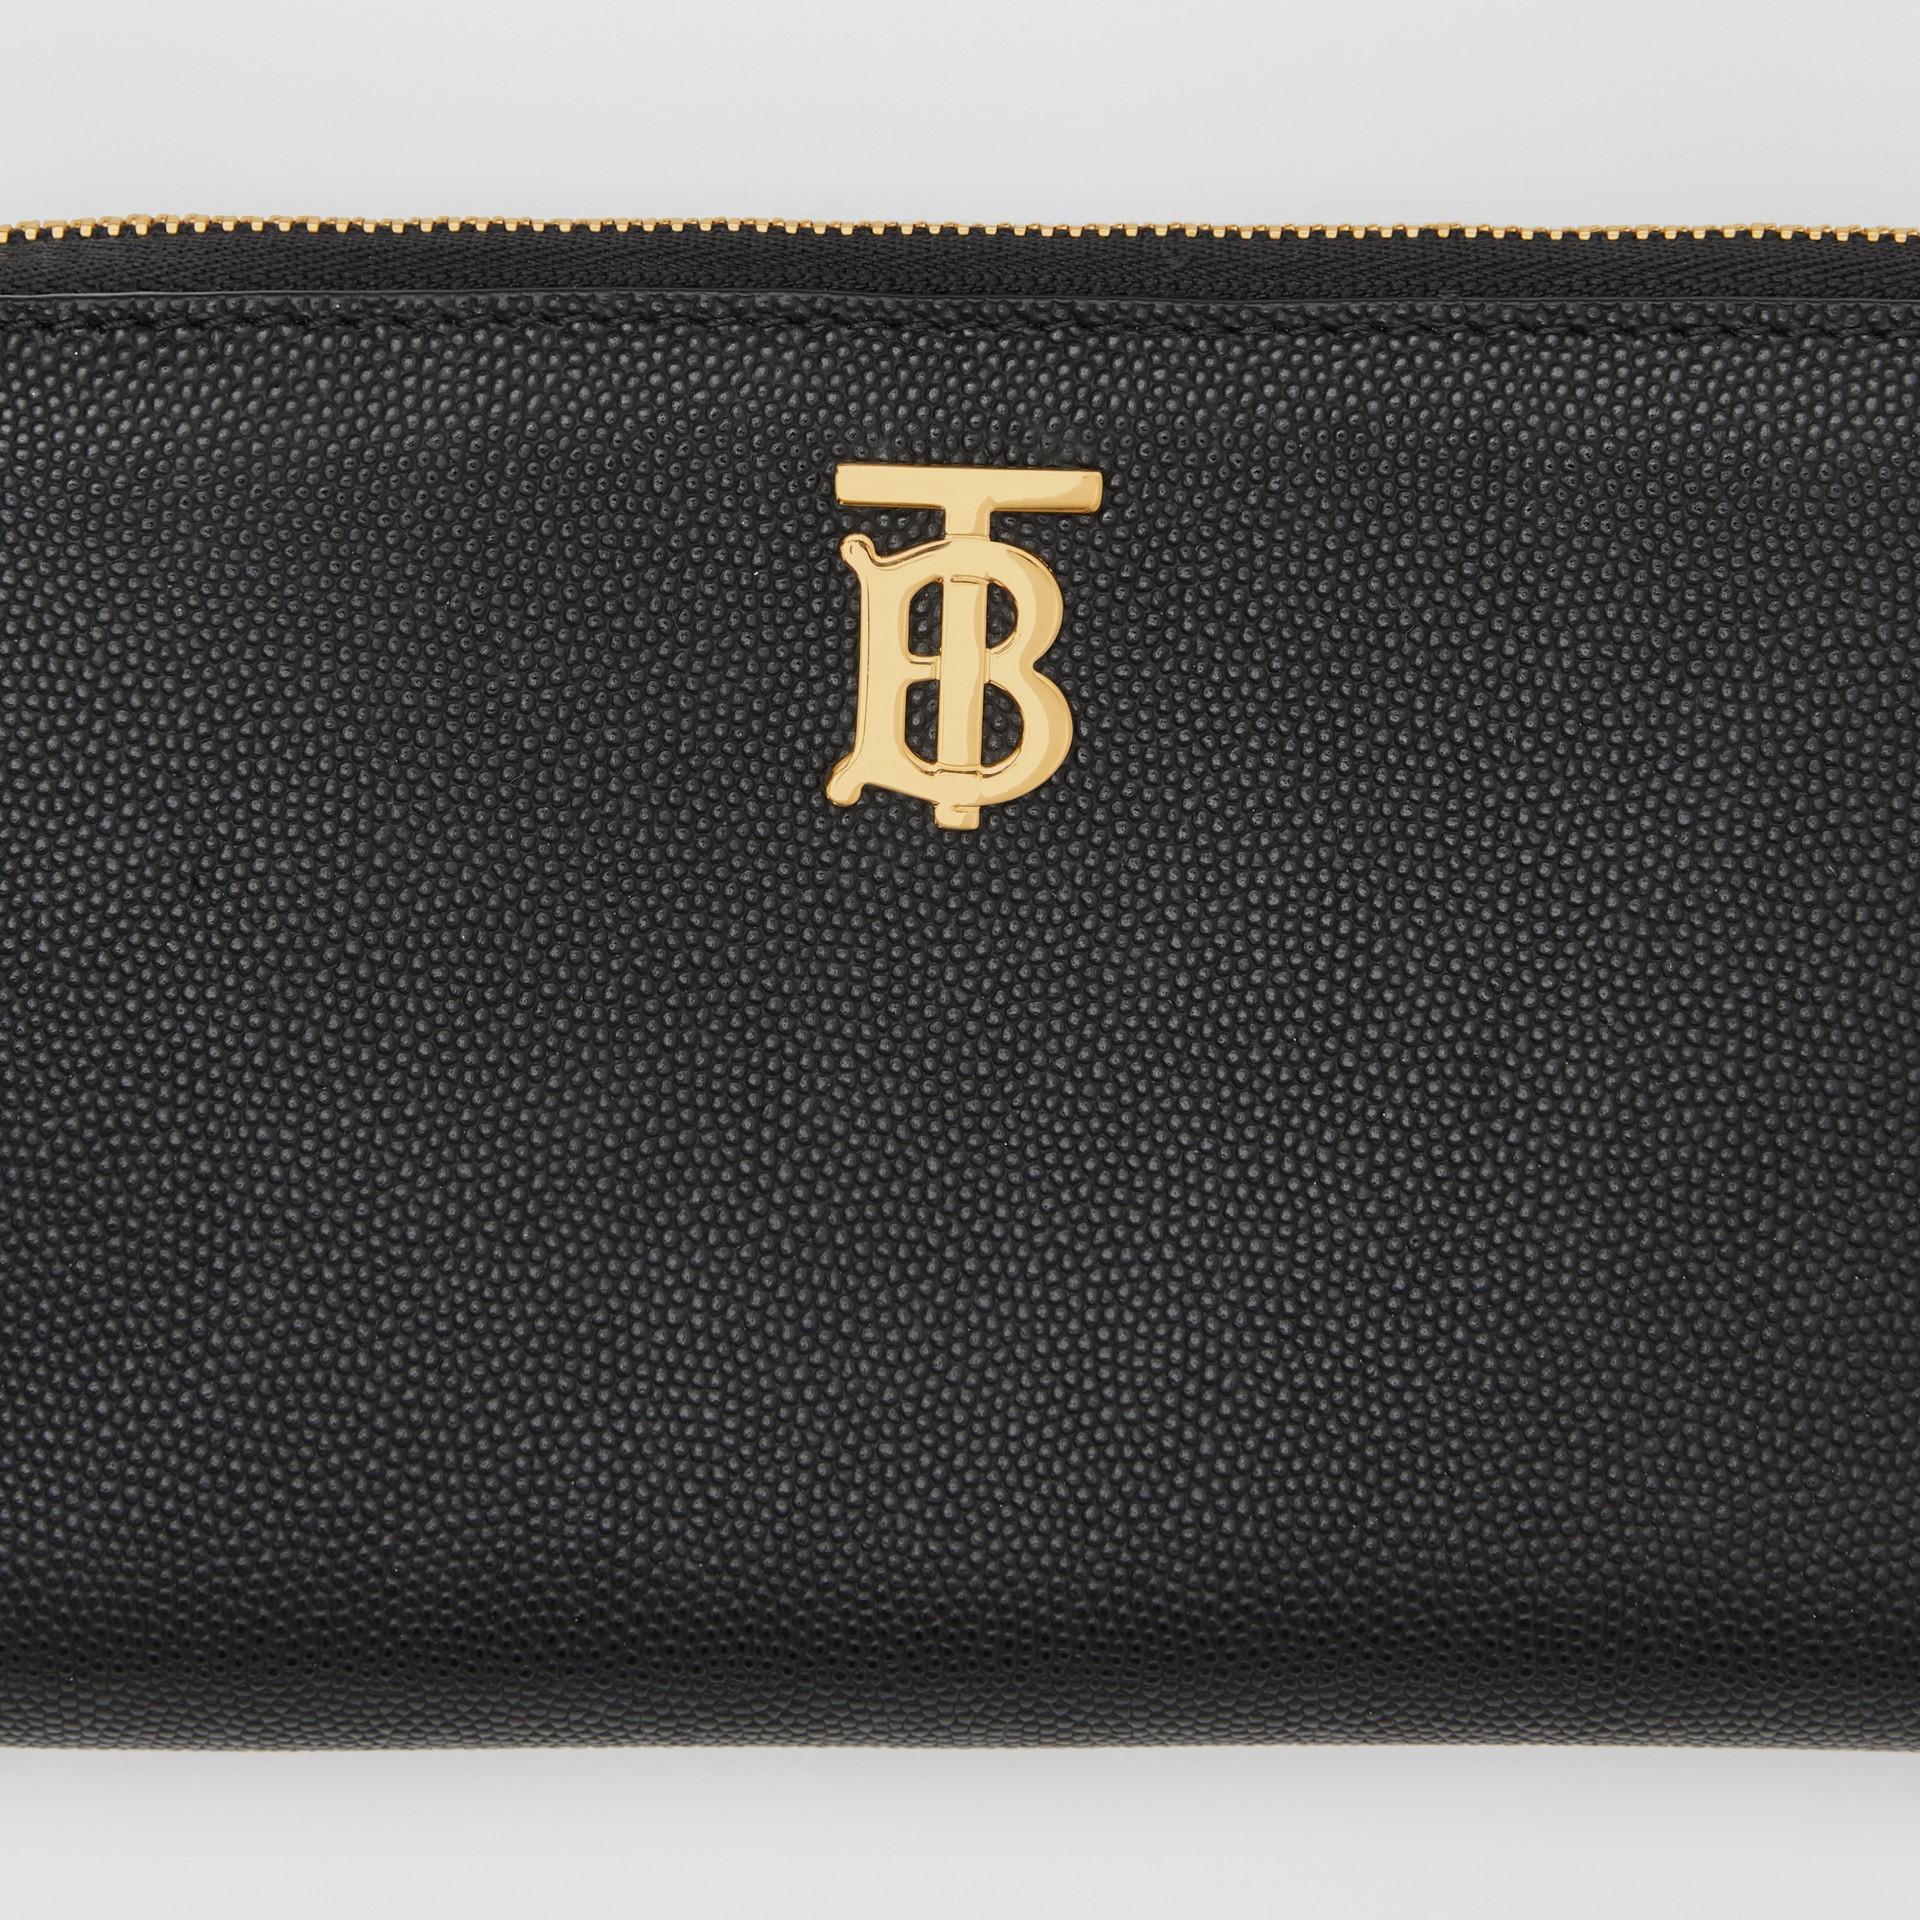 Portefeuille zippé en cuir grainé Monogram (Noir) - Femme | Burberry Canada - photo de la galerie 1